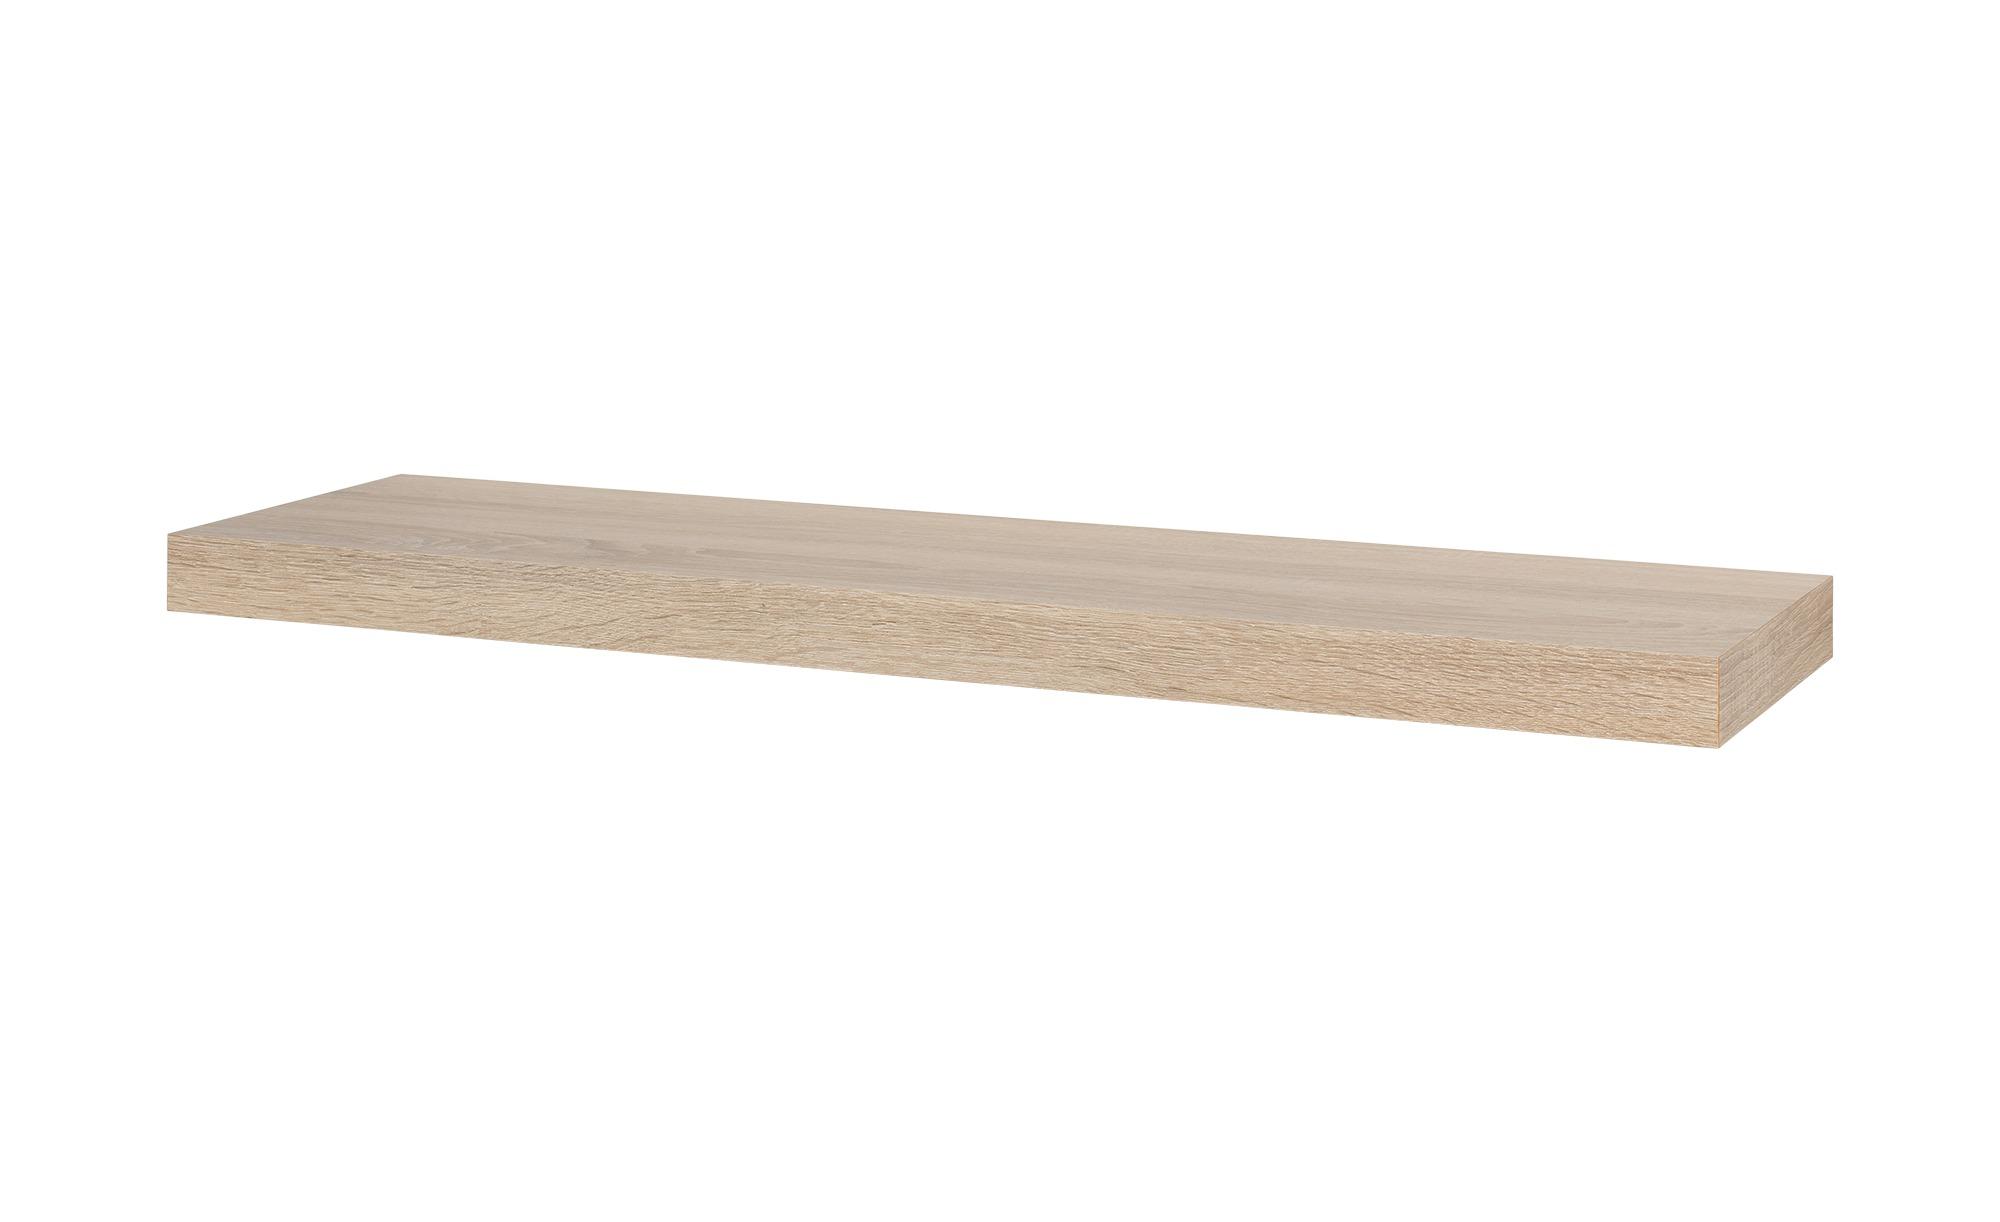 Regalboden  Big Board ¦ holzfarben ¦ Maße (cm): B: 90 H: 5 T: 25 Regale > Wandboards - Höffner | Wohnzimmer > Schränke > Sideboards | Holzfarben | Kunststoff | Möbel Höffner DE